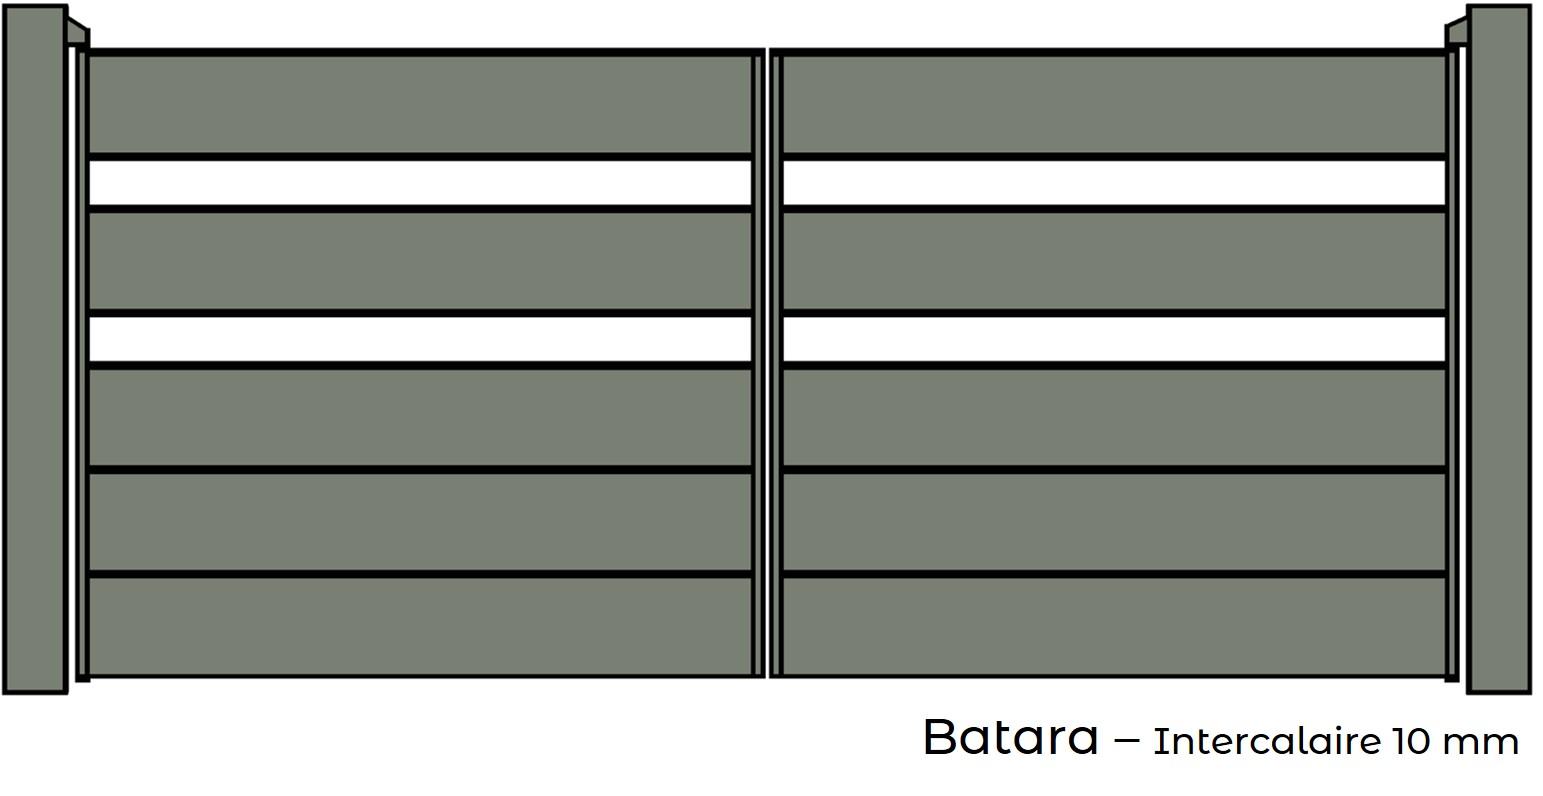 Batara